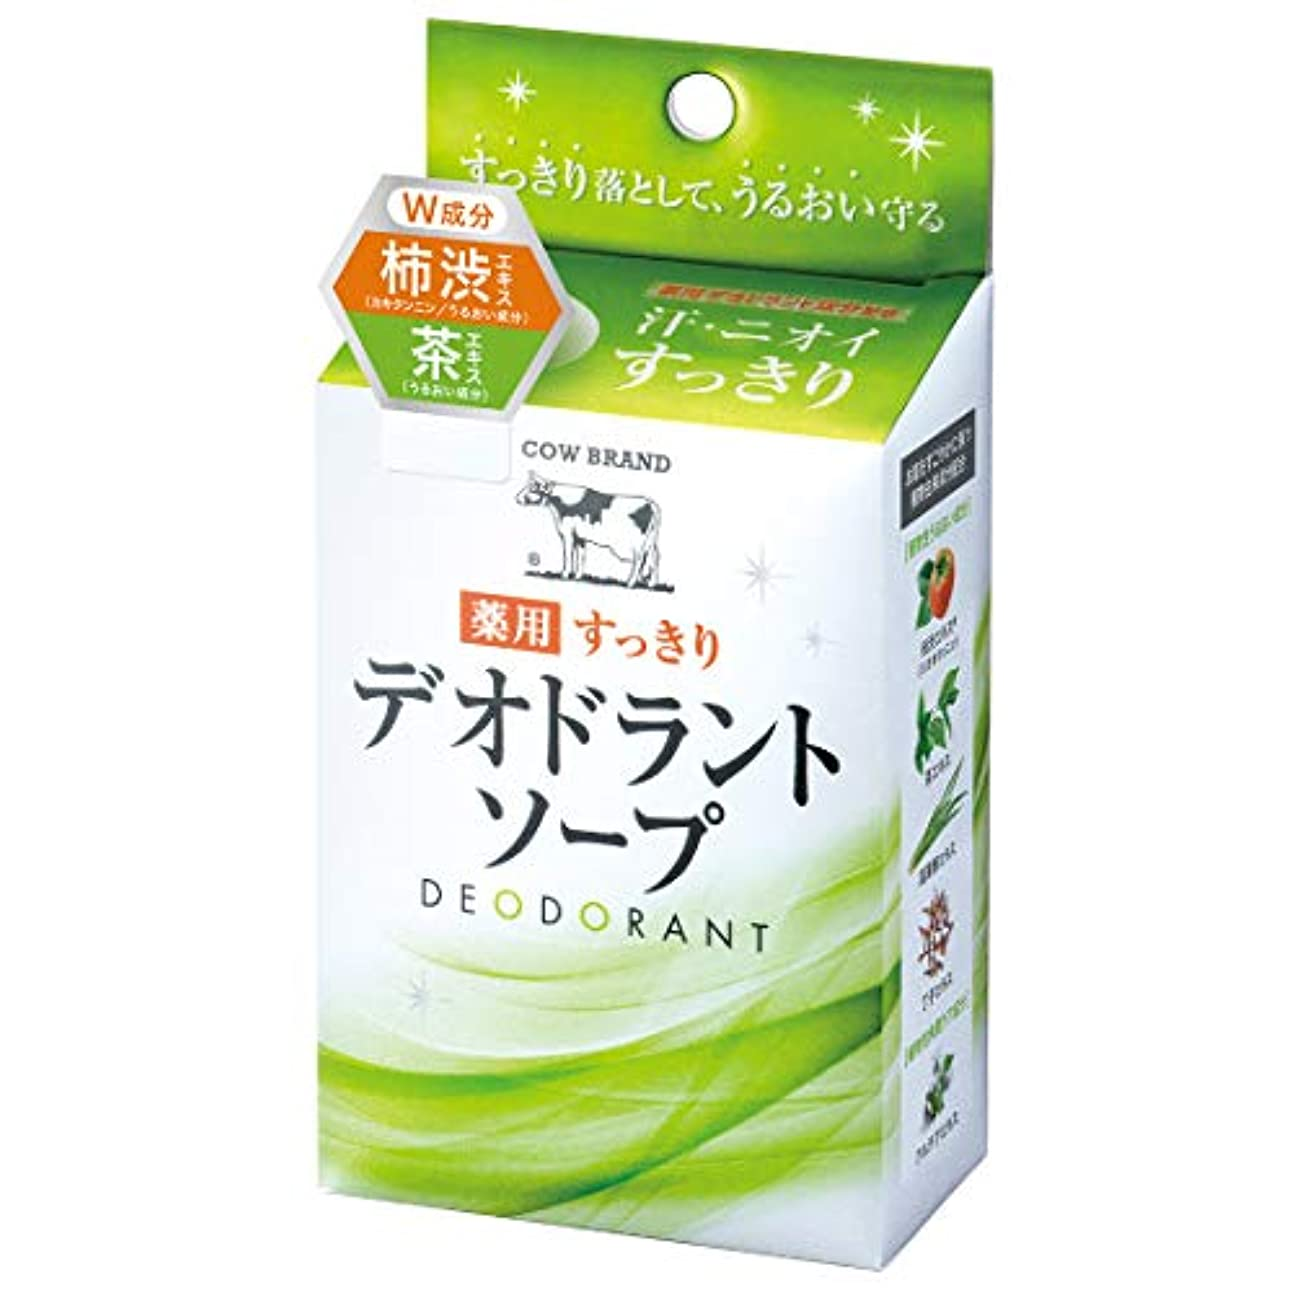 塩鳩リンスカウブランド 薬用すっきりデオドラントソープ 125g 【医薬部外品】